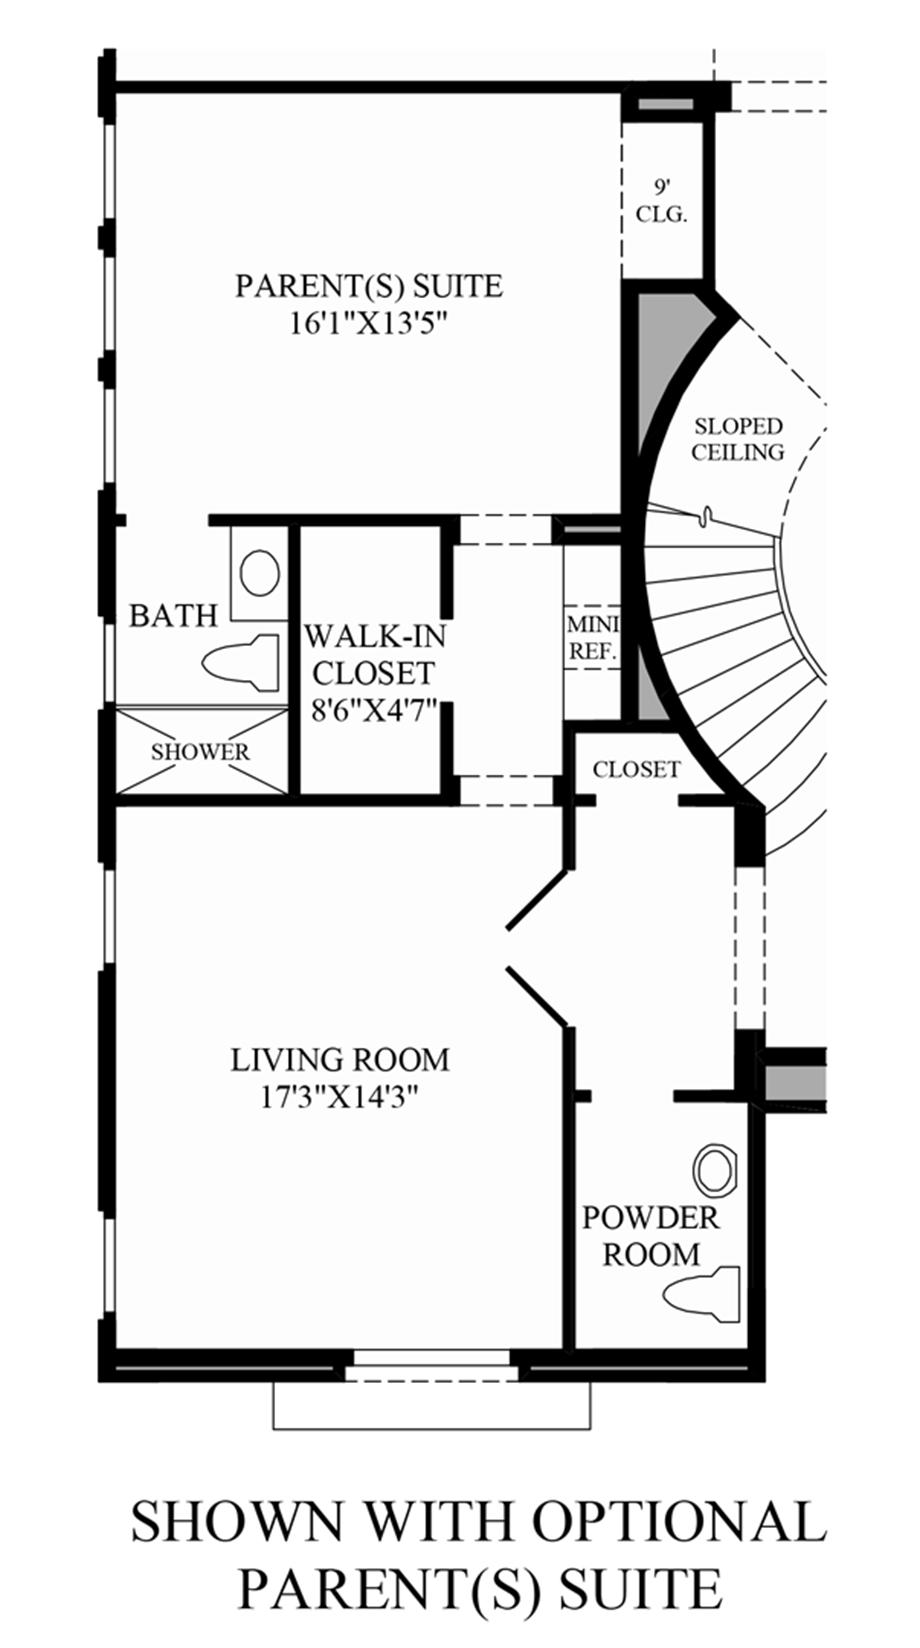 Optional Parents Suite Floor Plan